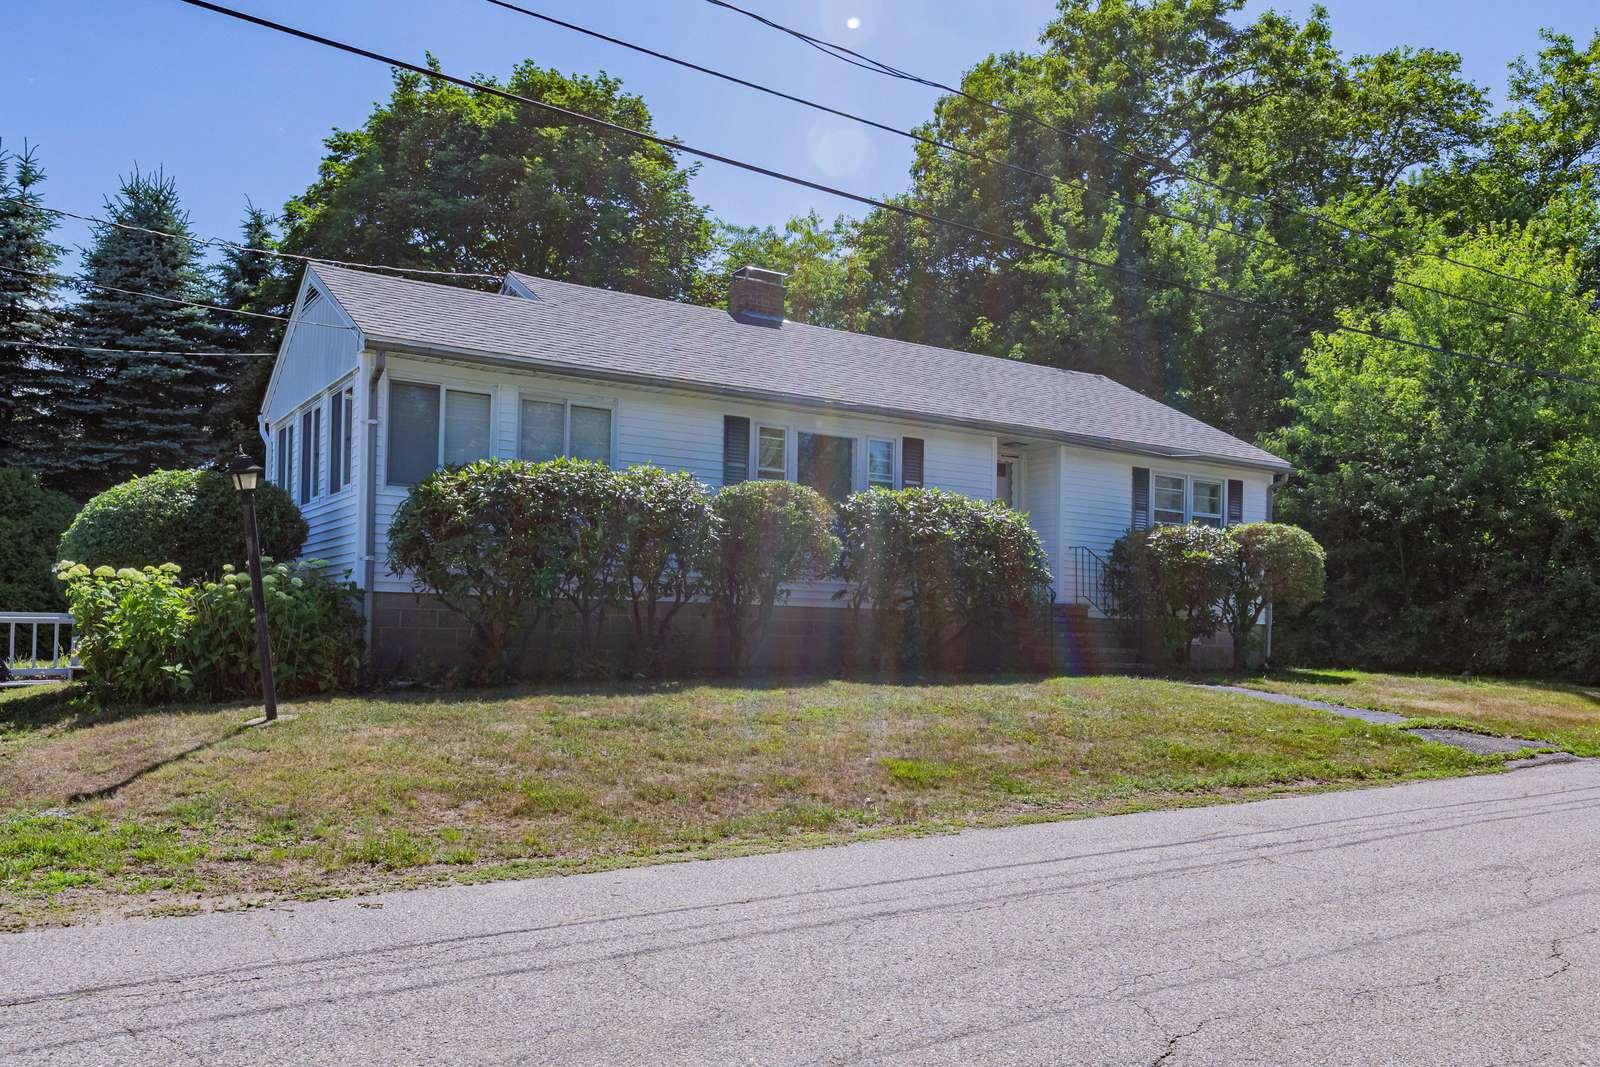 18 Baker Ave., Rye, NH - property